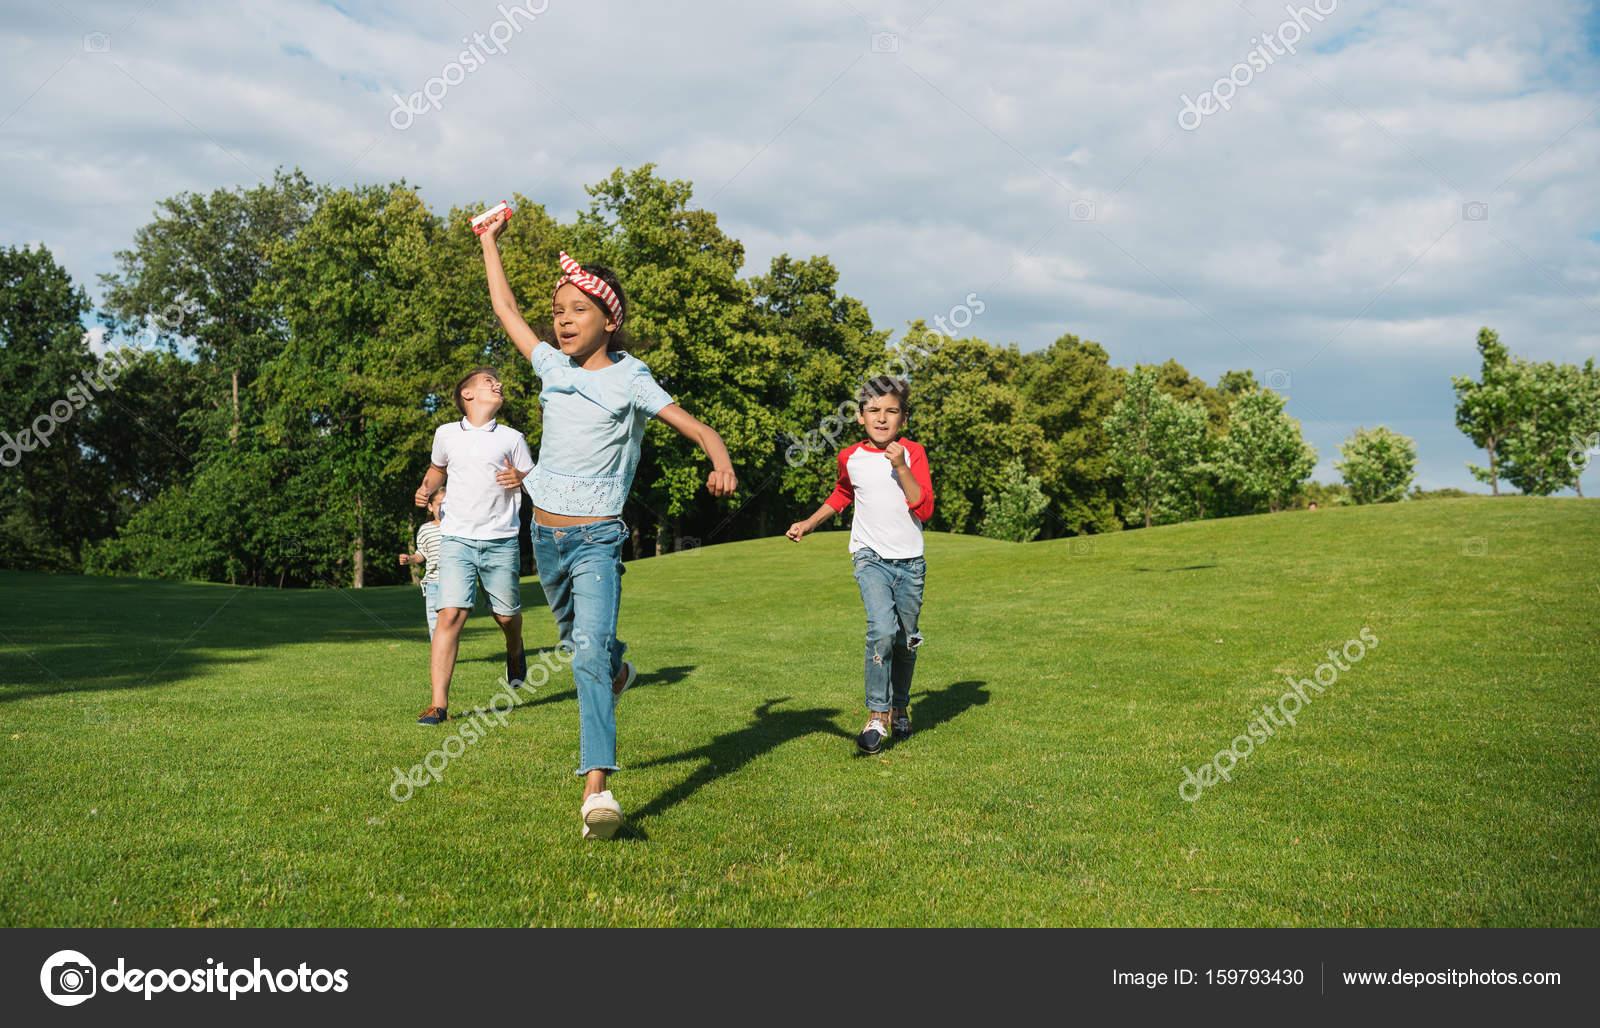 Дети играют в футбол фото